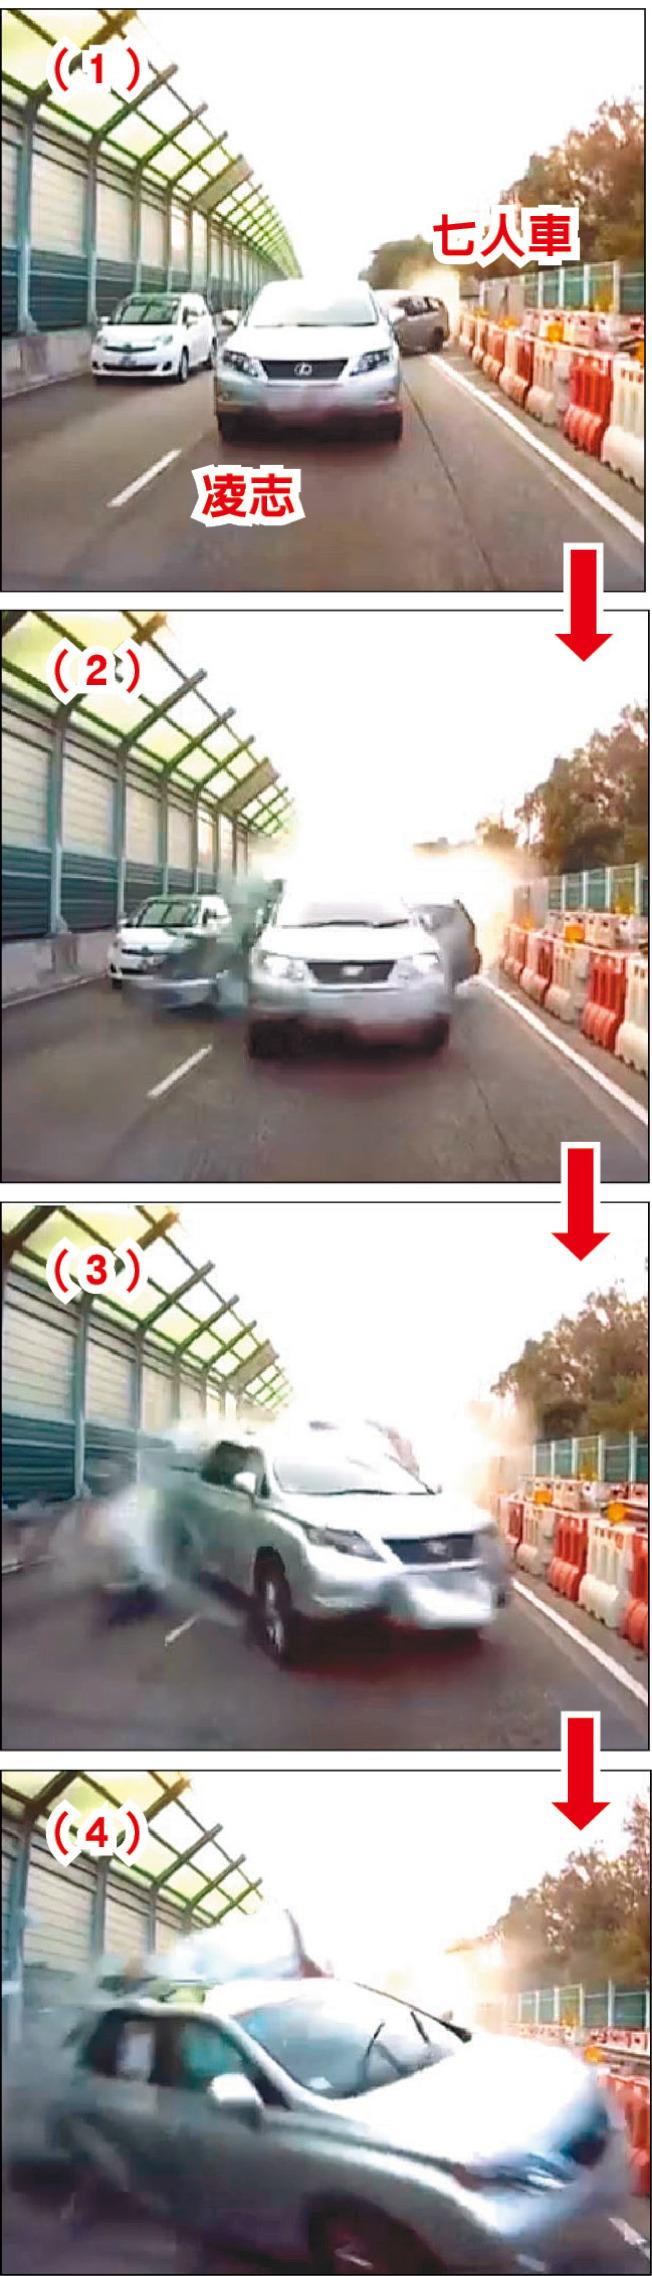 從被撞車的「車CAM」片段所見,七人車失控連掃公路邊的路障後撞向凌志,凌志被往前推,追撞向前方私家車尾。 (短片截圖)